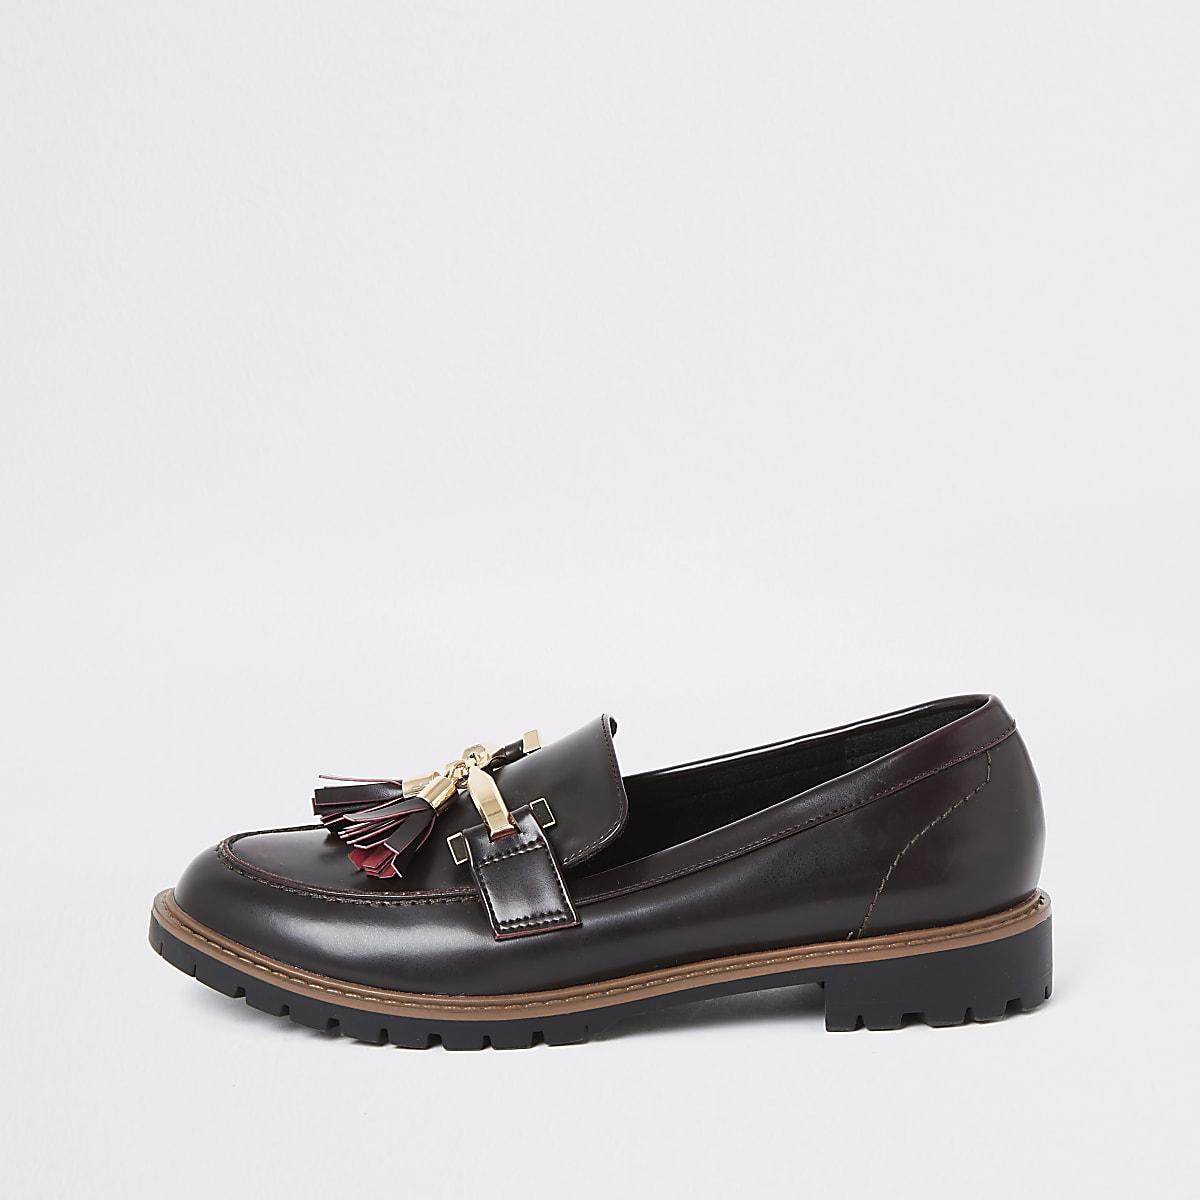 Donkerrode platte loafers met kwastje